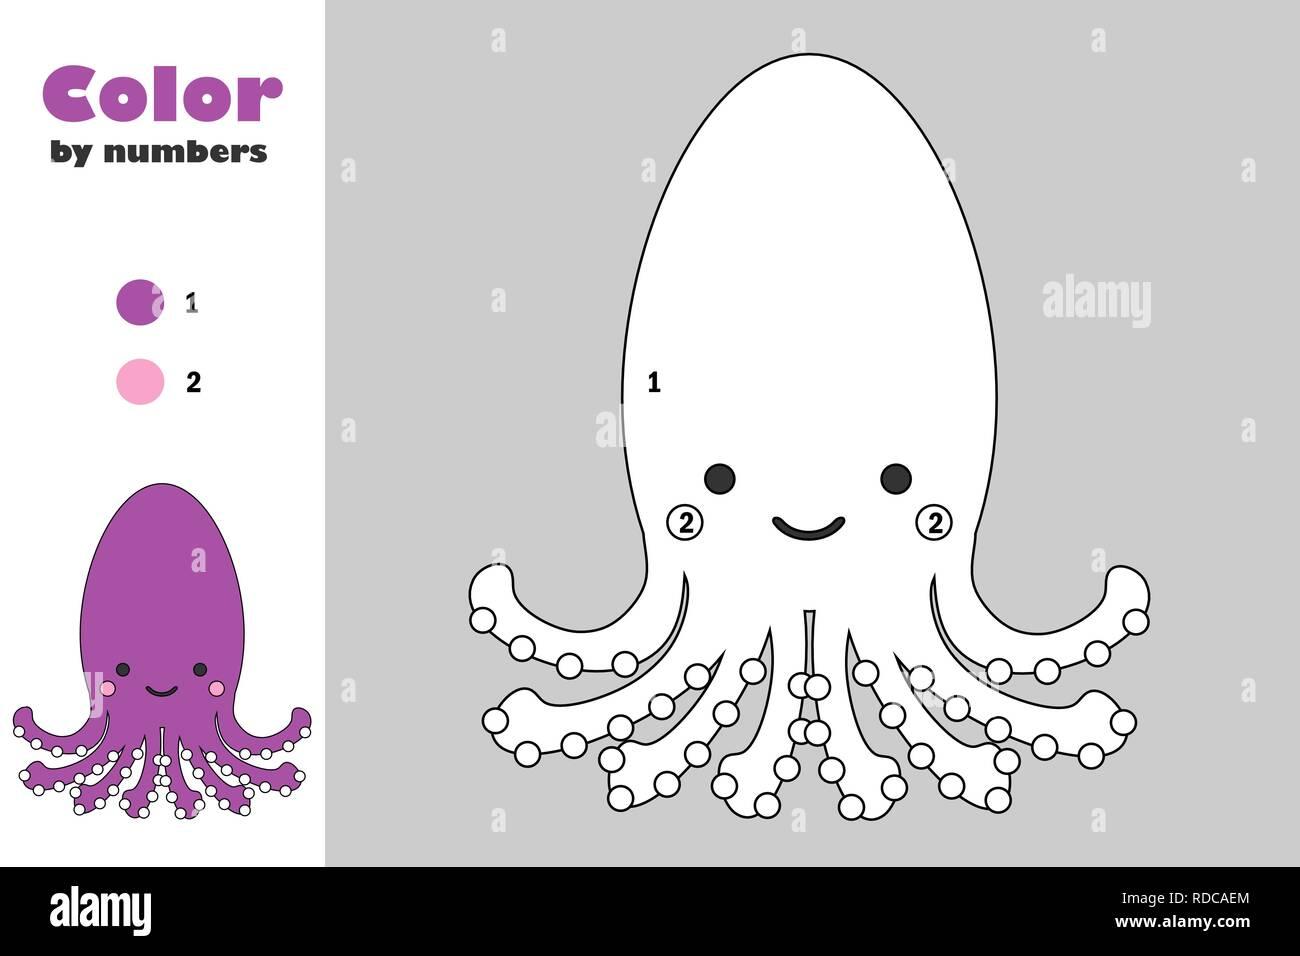 El Pulpo En El Estilo De Dibujos Animados Color Por Número Papel